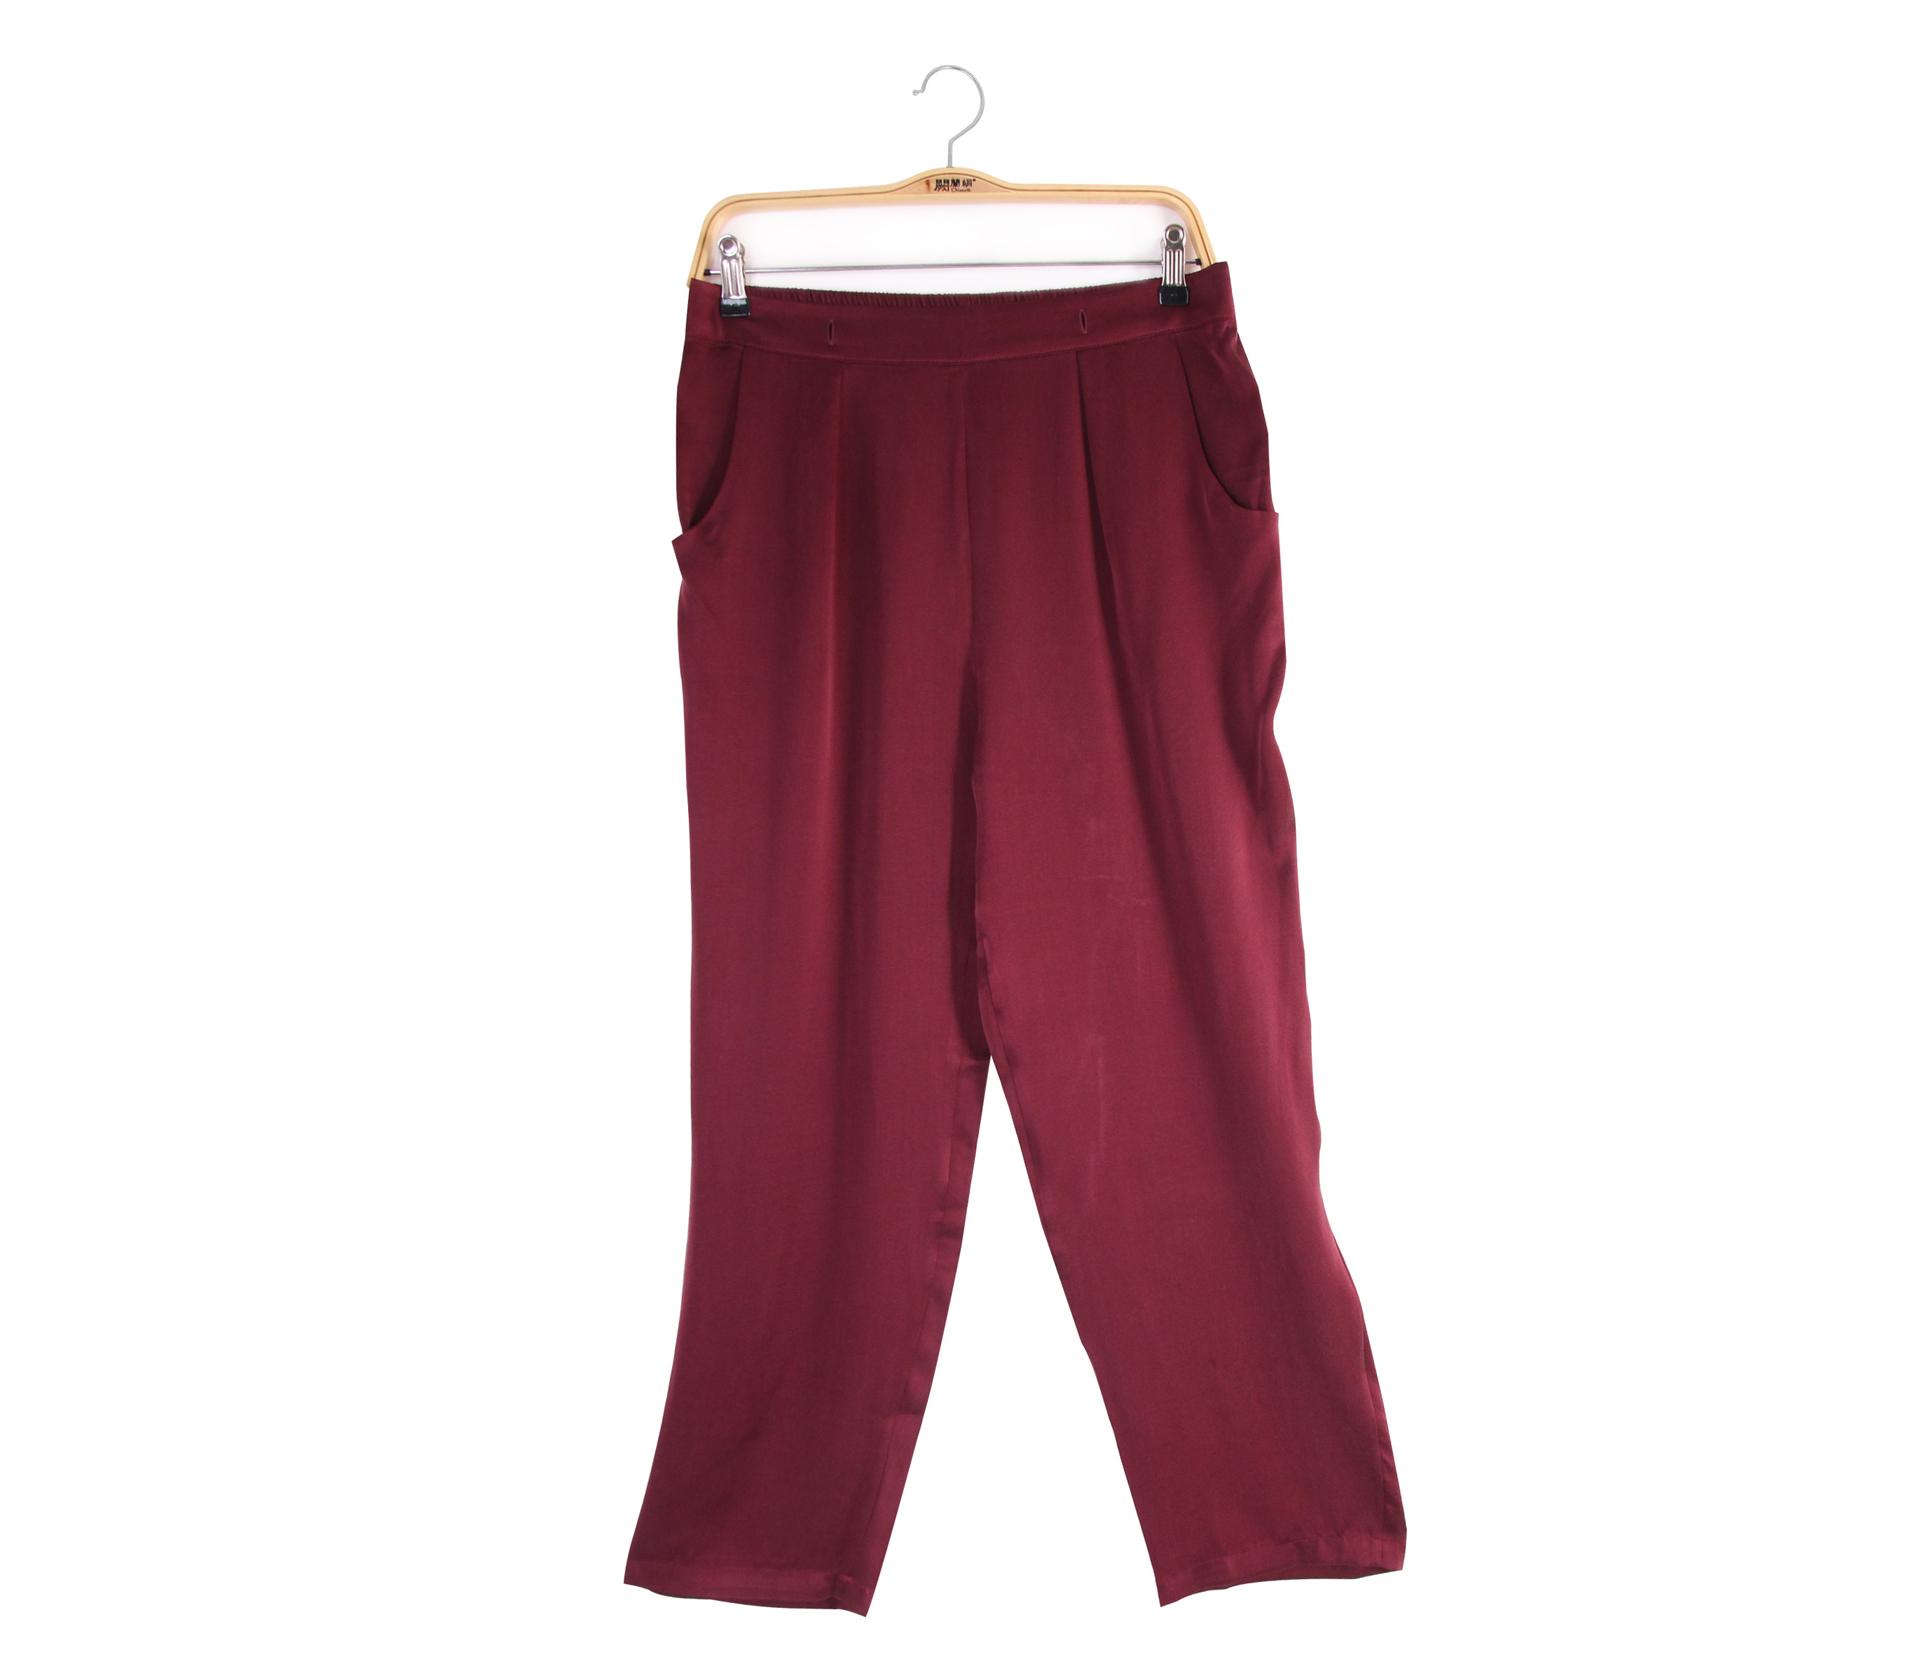 闕蘭絹設計感酒紅色蠶絲褲 - 6420